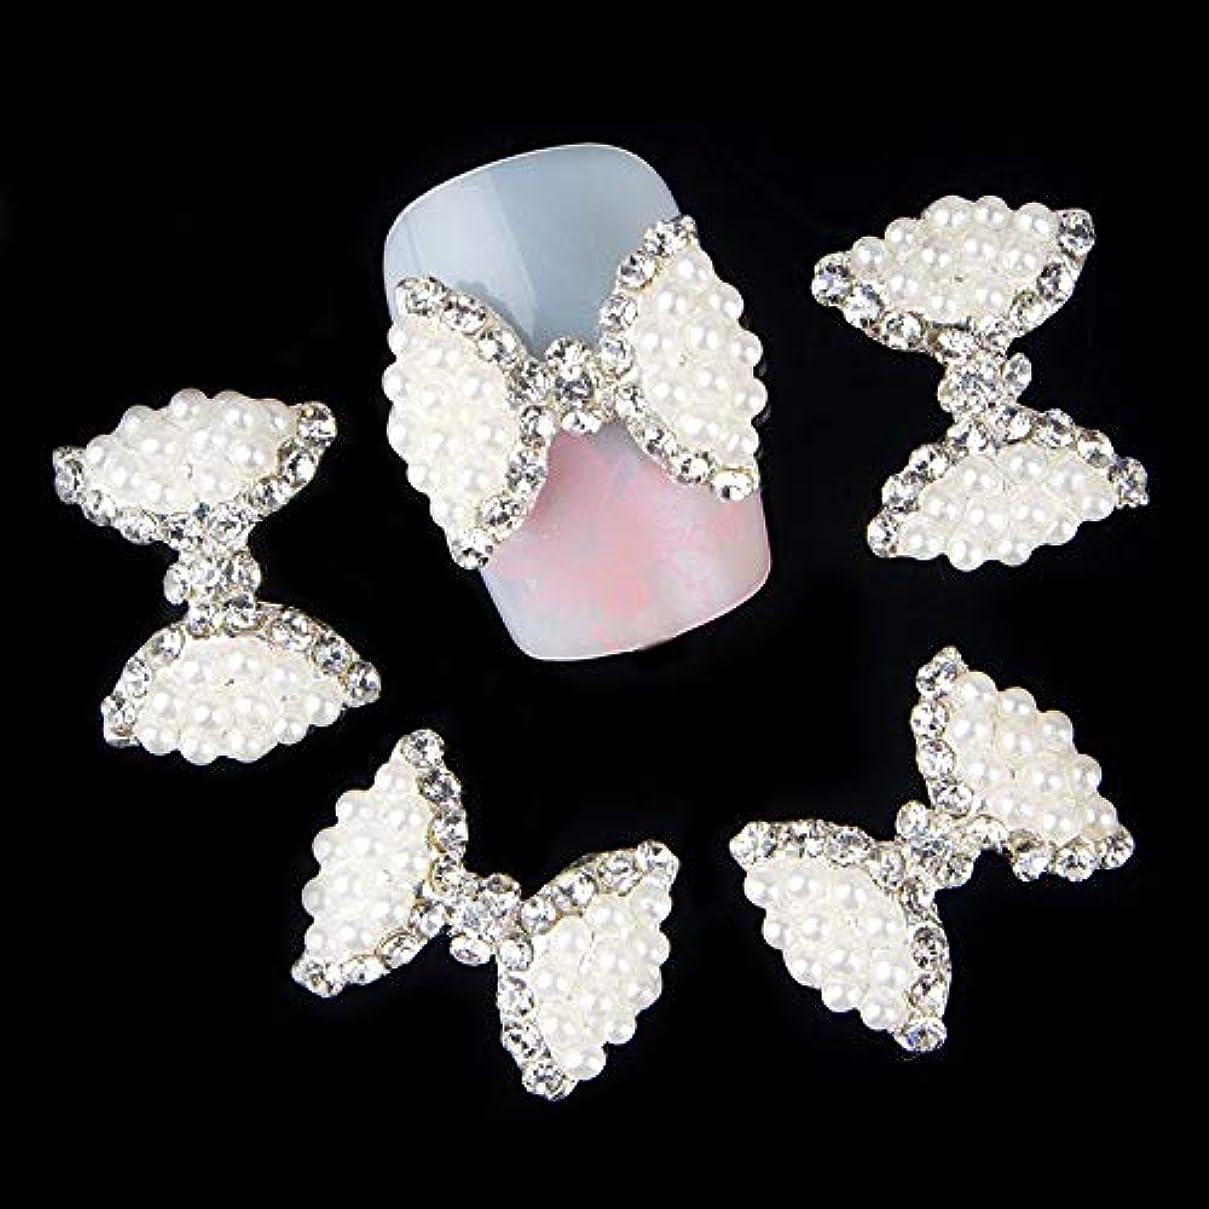 水星石パワーセル10個入りグリッターホワイトボウネイルアートラインストーンメタルアロイネイルアートデコレーションチャームネイルツール